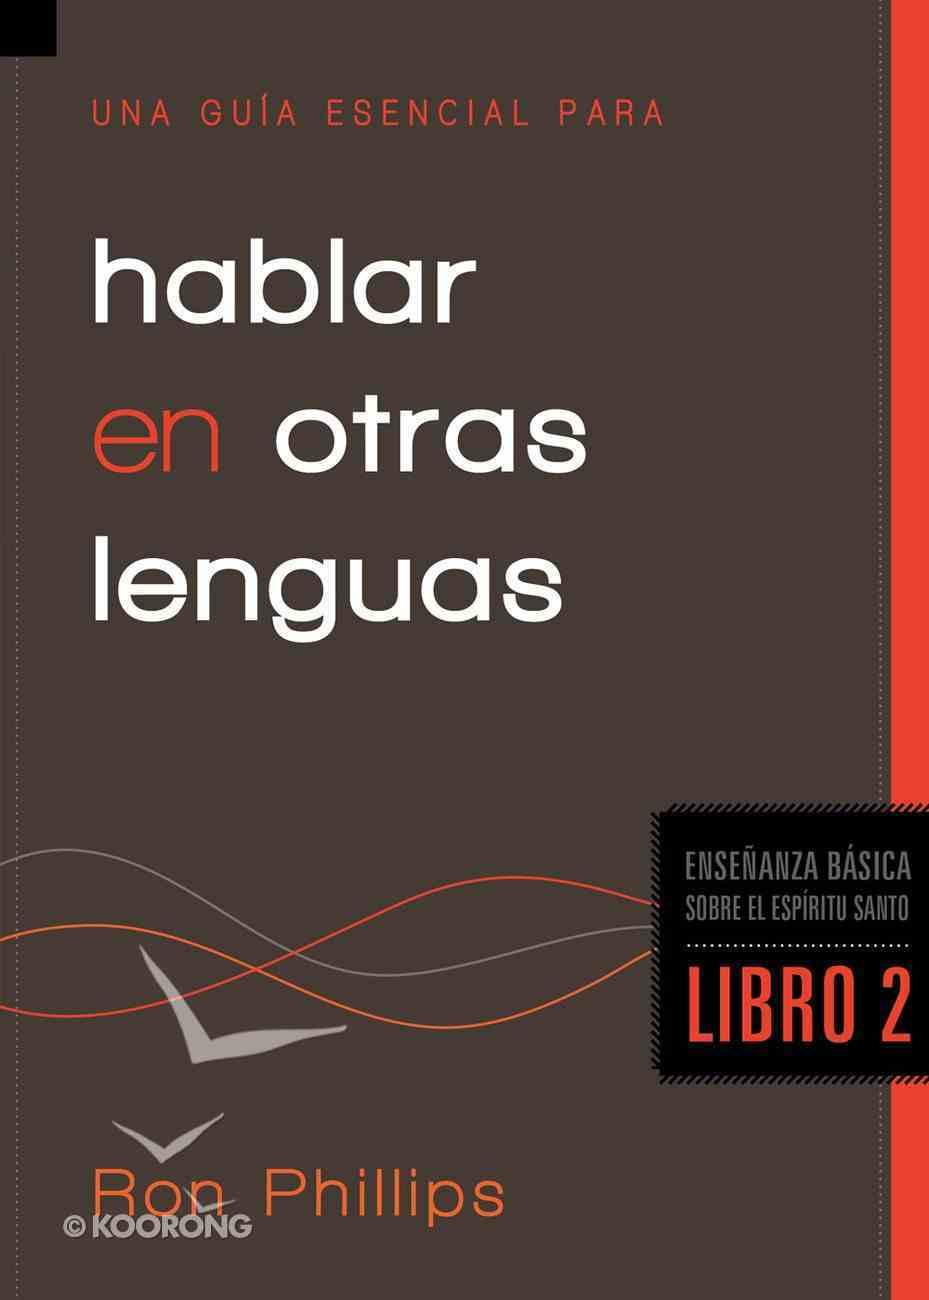 Una Guia Esencial Para Hablar En Otras Lenguas (Spanish) (Spa) (Essential Guide To Speaking In Tongues) eBook